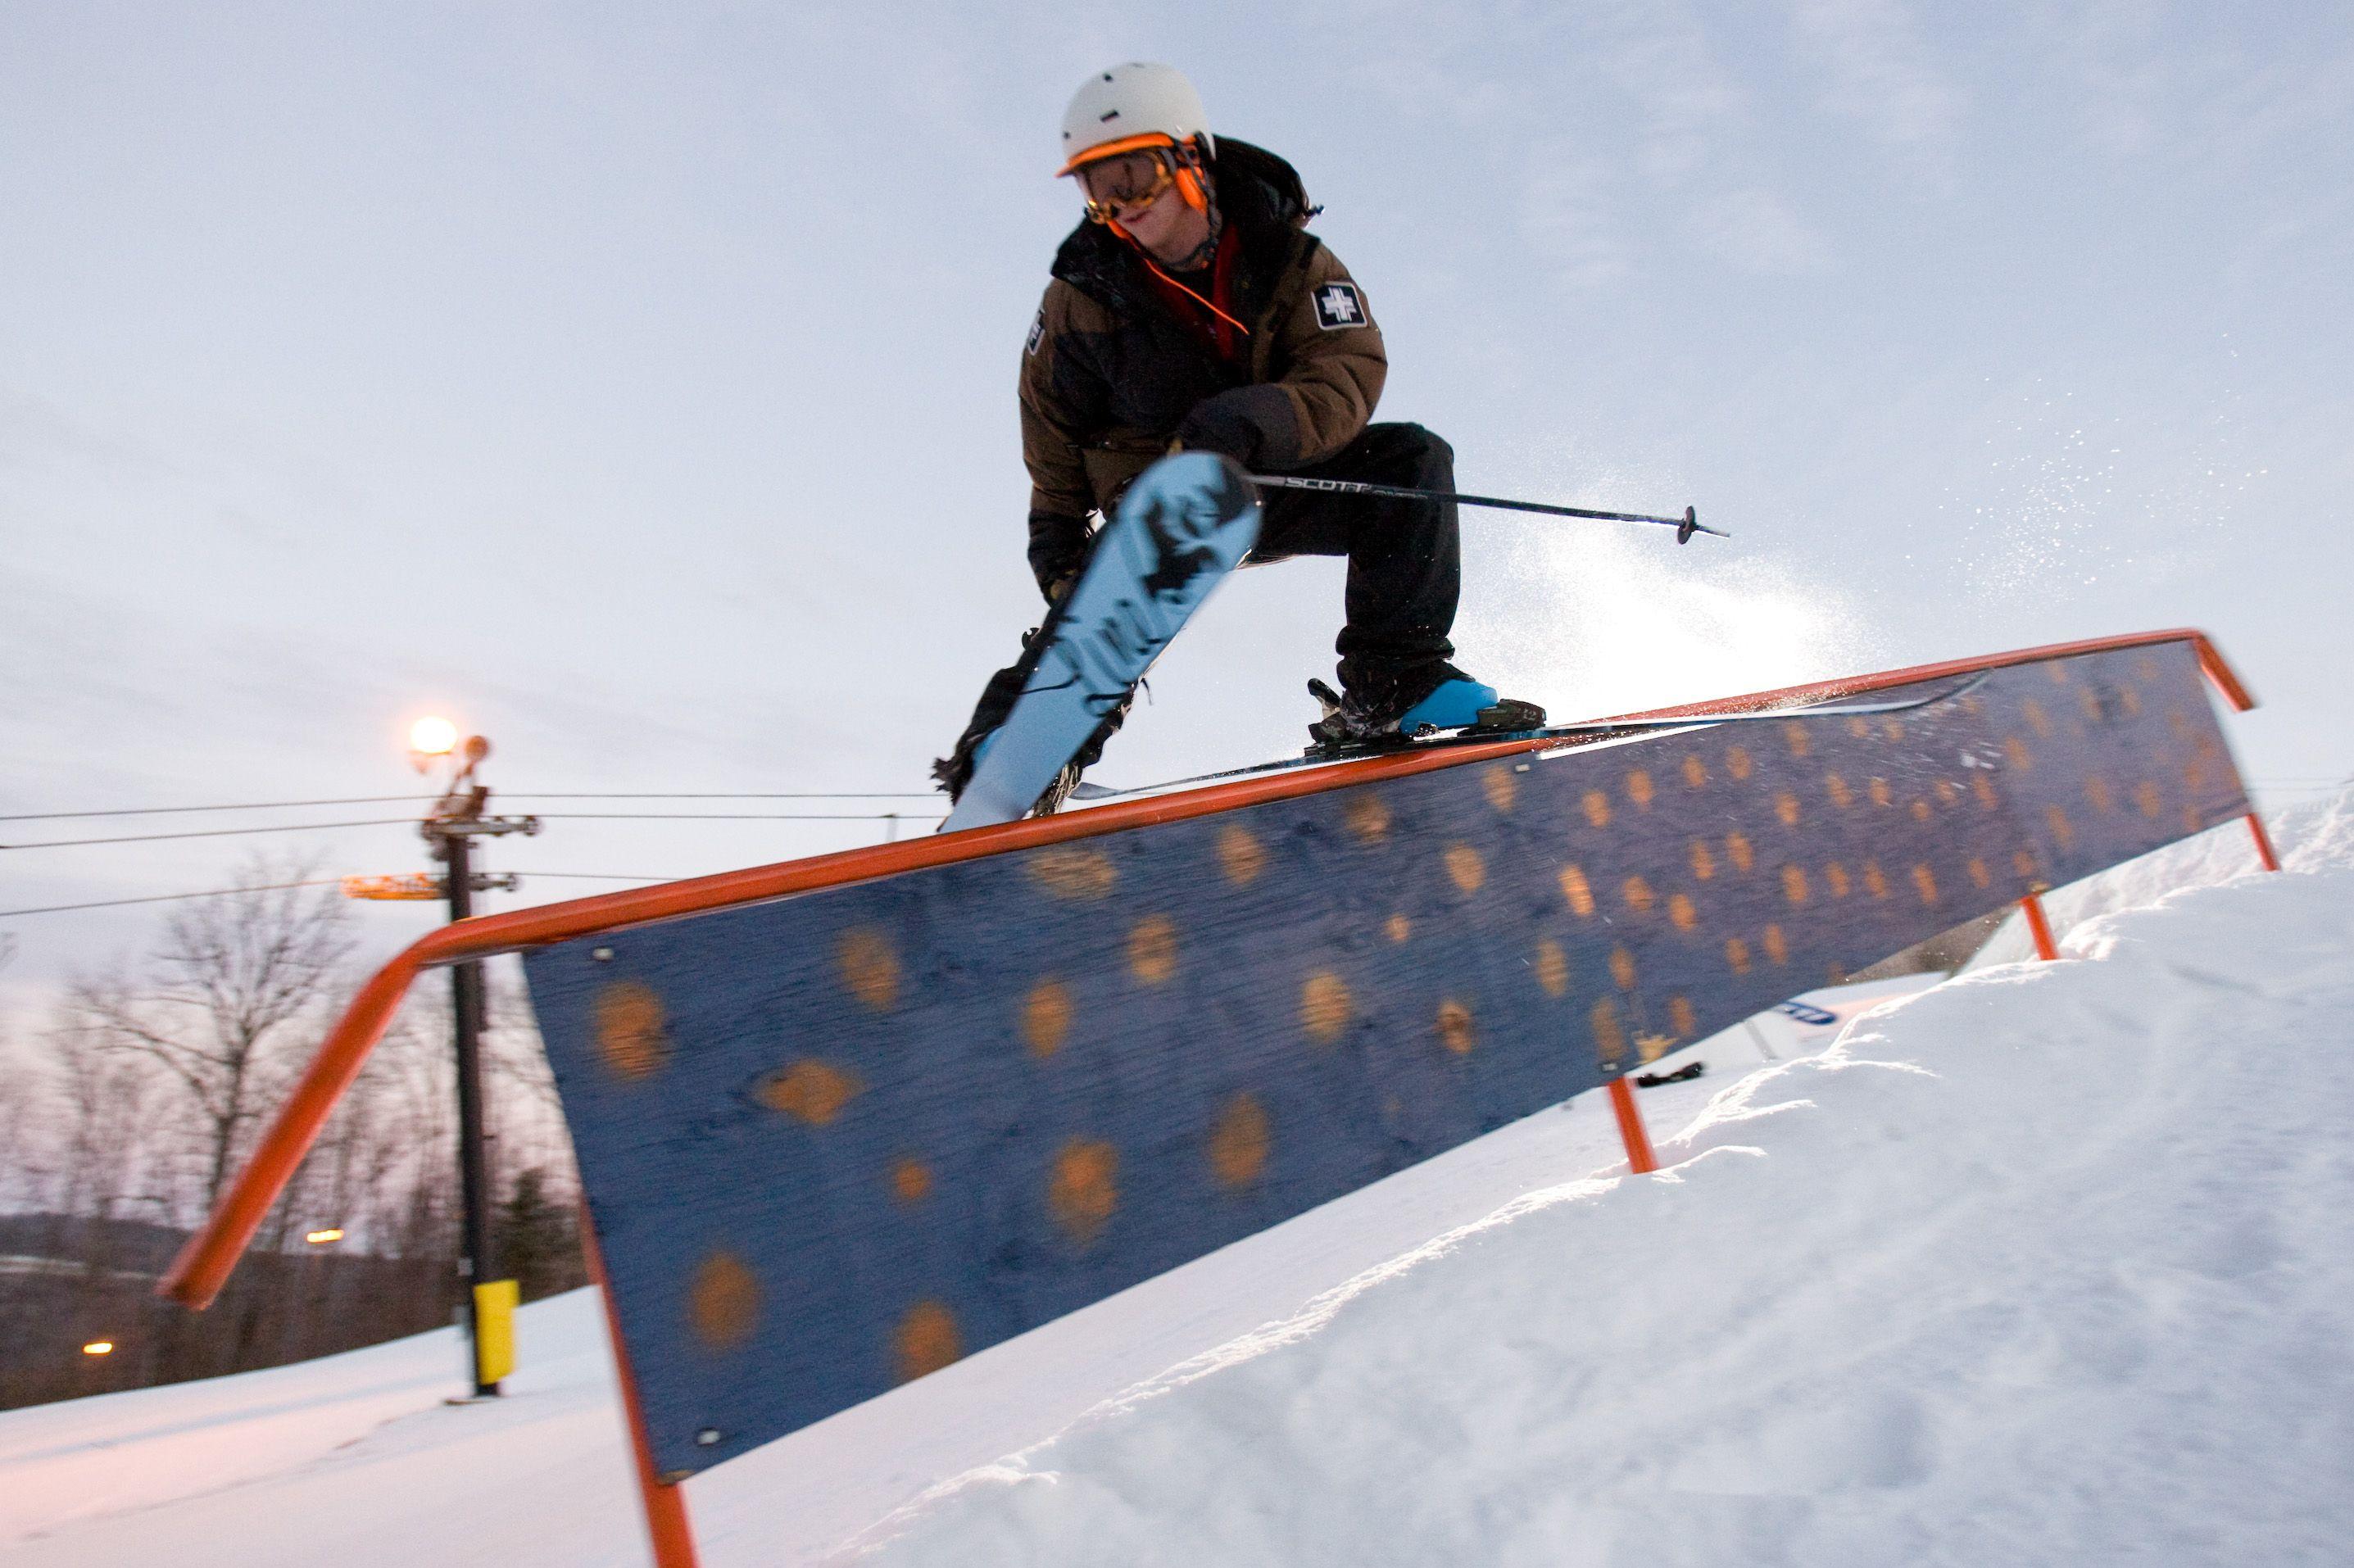 Rail Jam Skiing Resort Pics